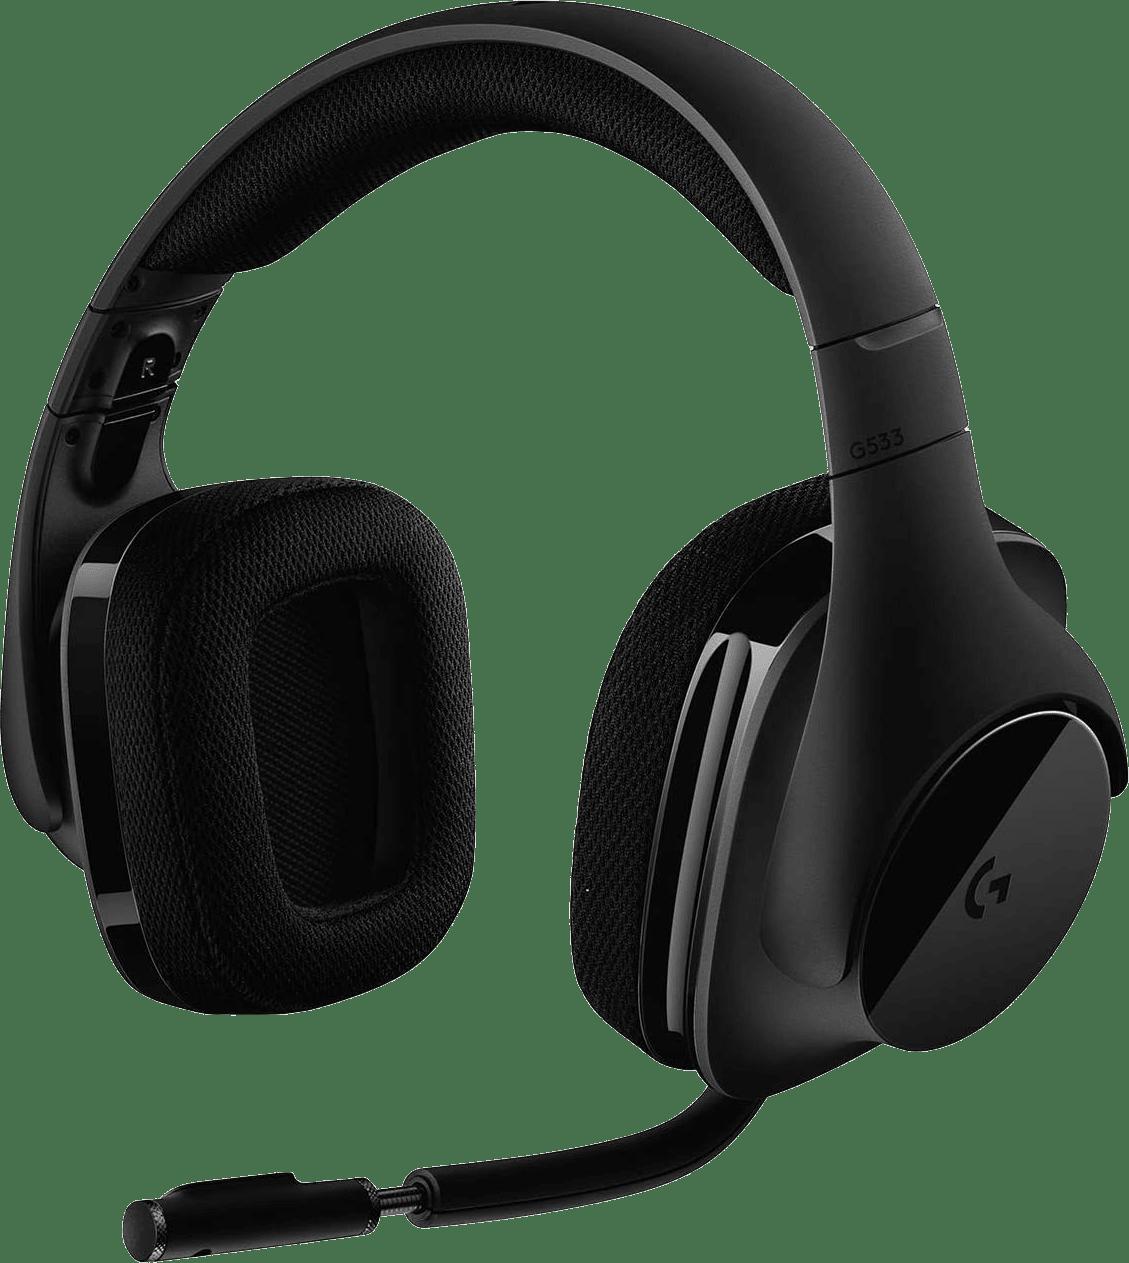 Black Logitech G533 Over-ear Gaming Headphones.1